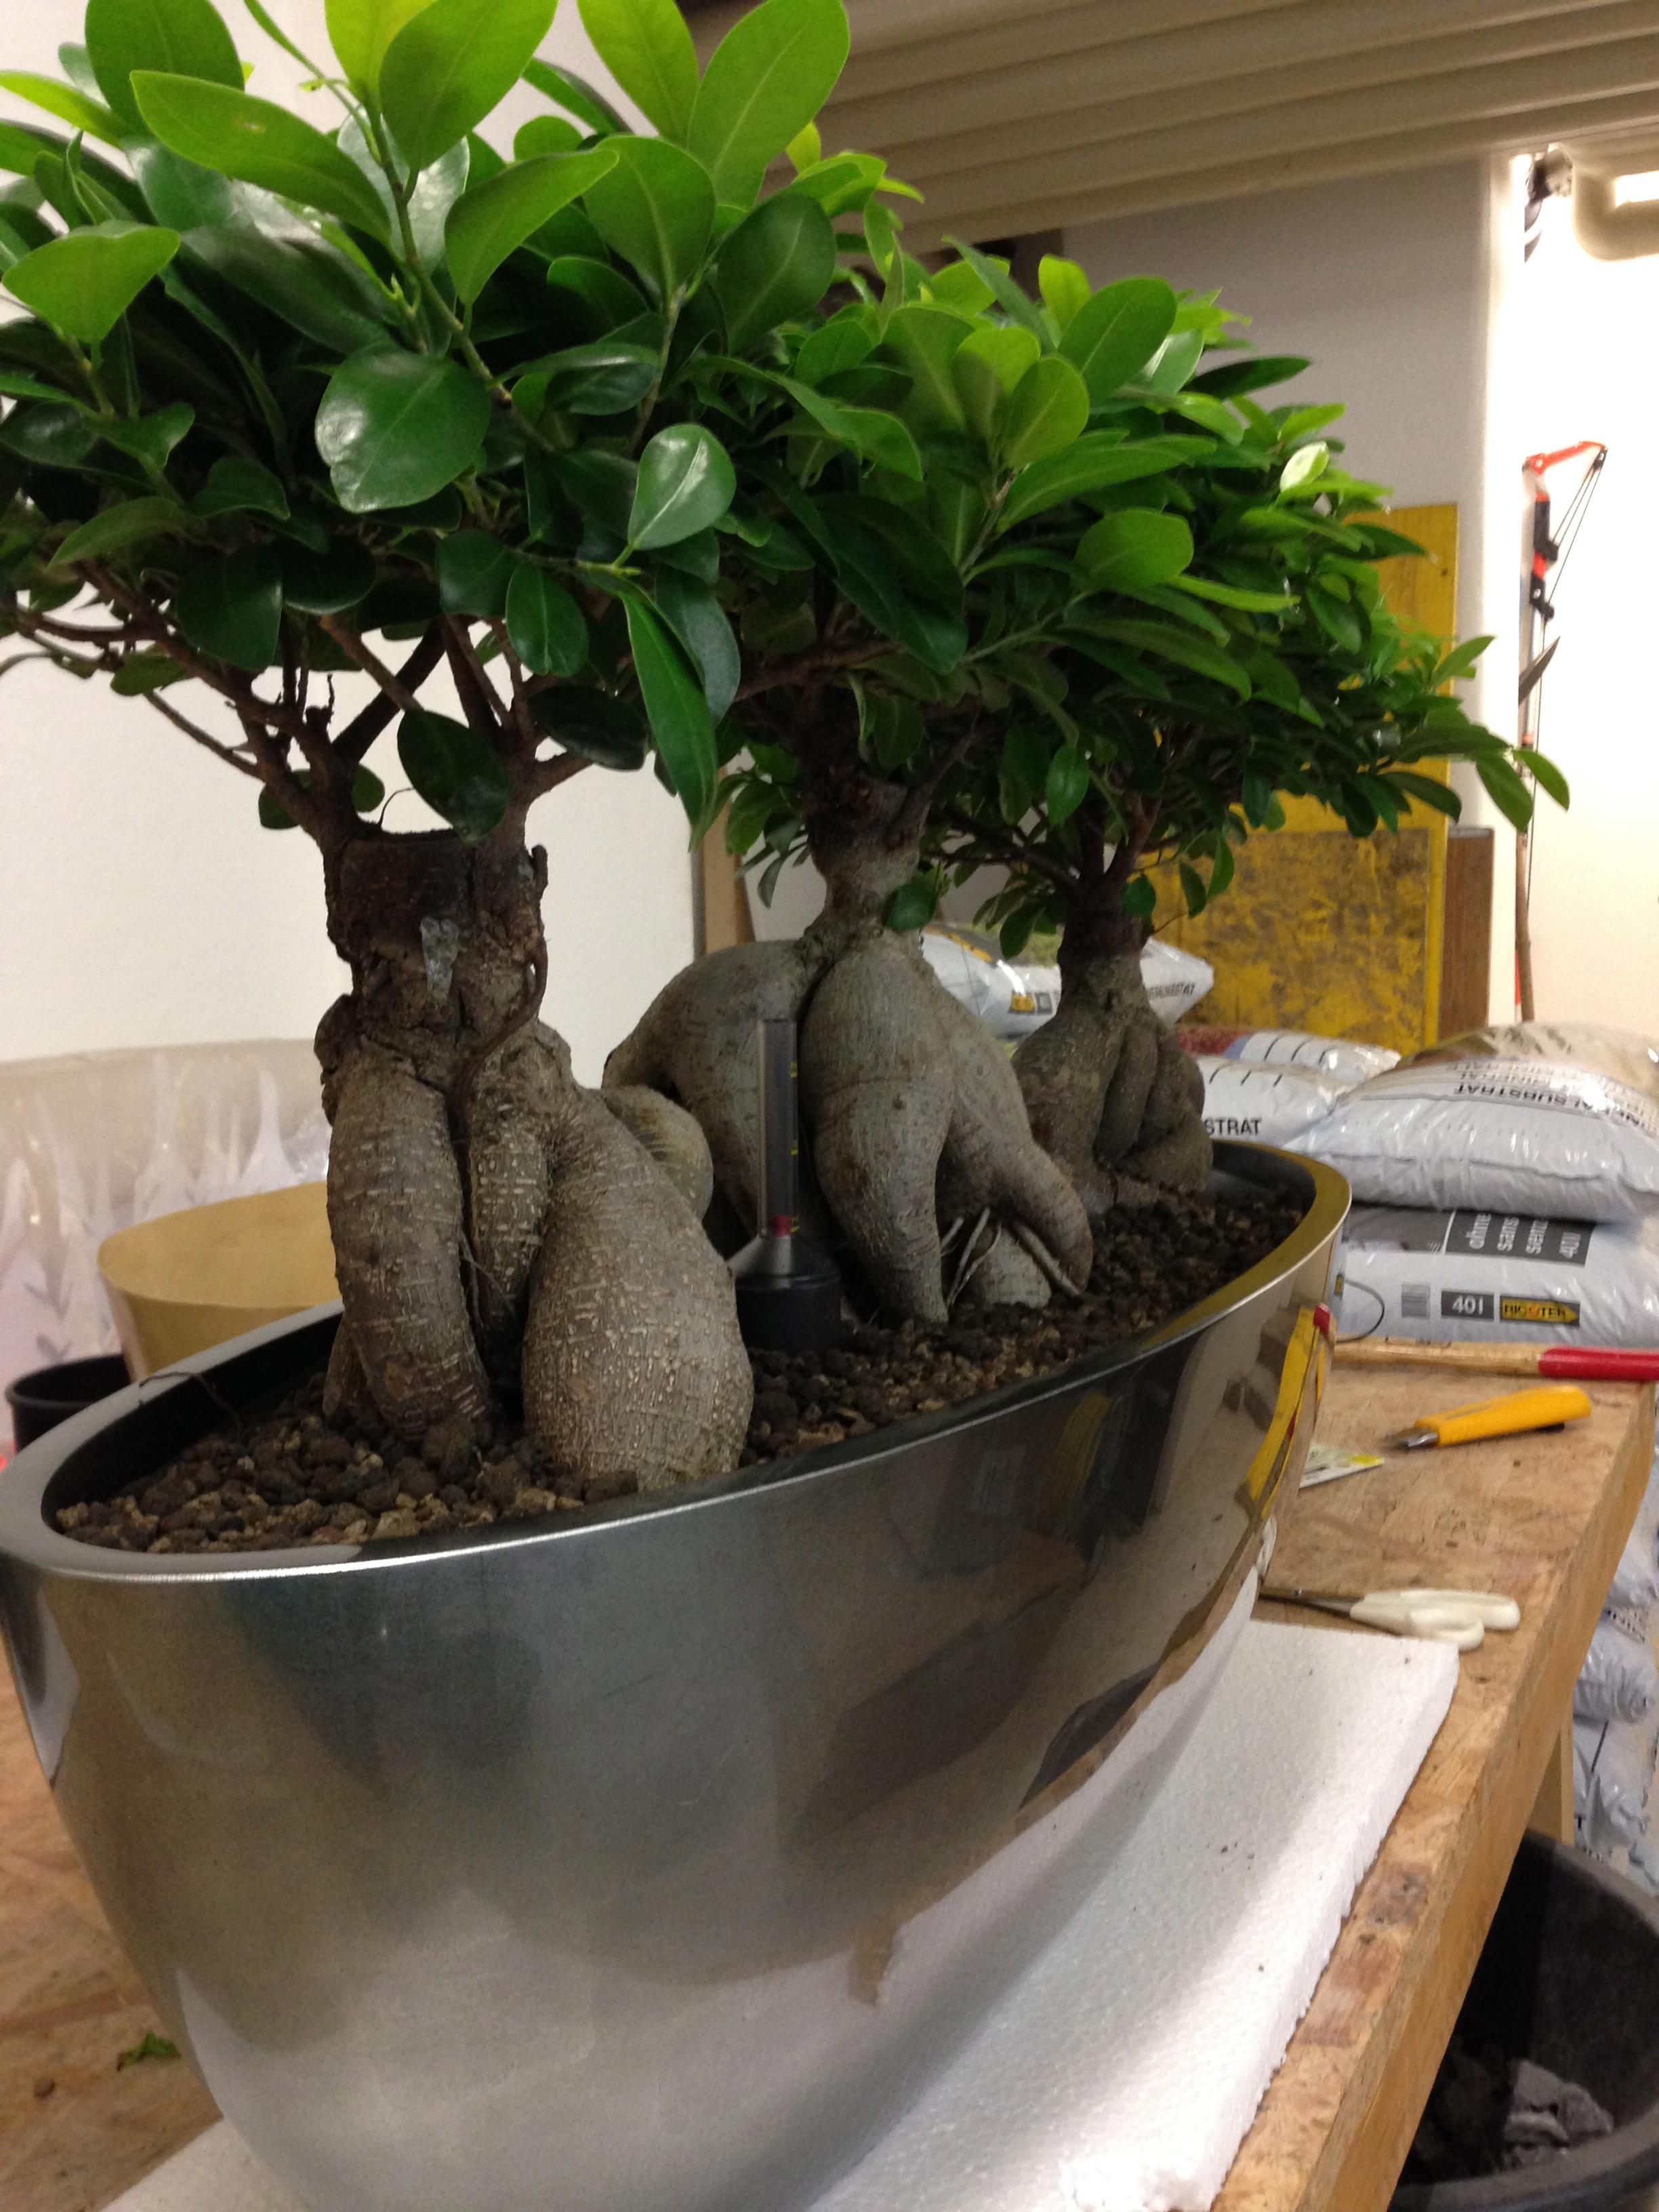 Pflanze + Topf + Zubehör + Kreativität = persönliches Grünes Möbel